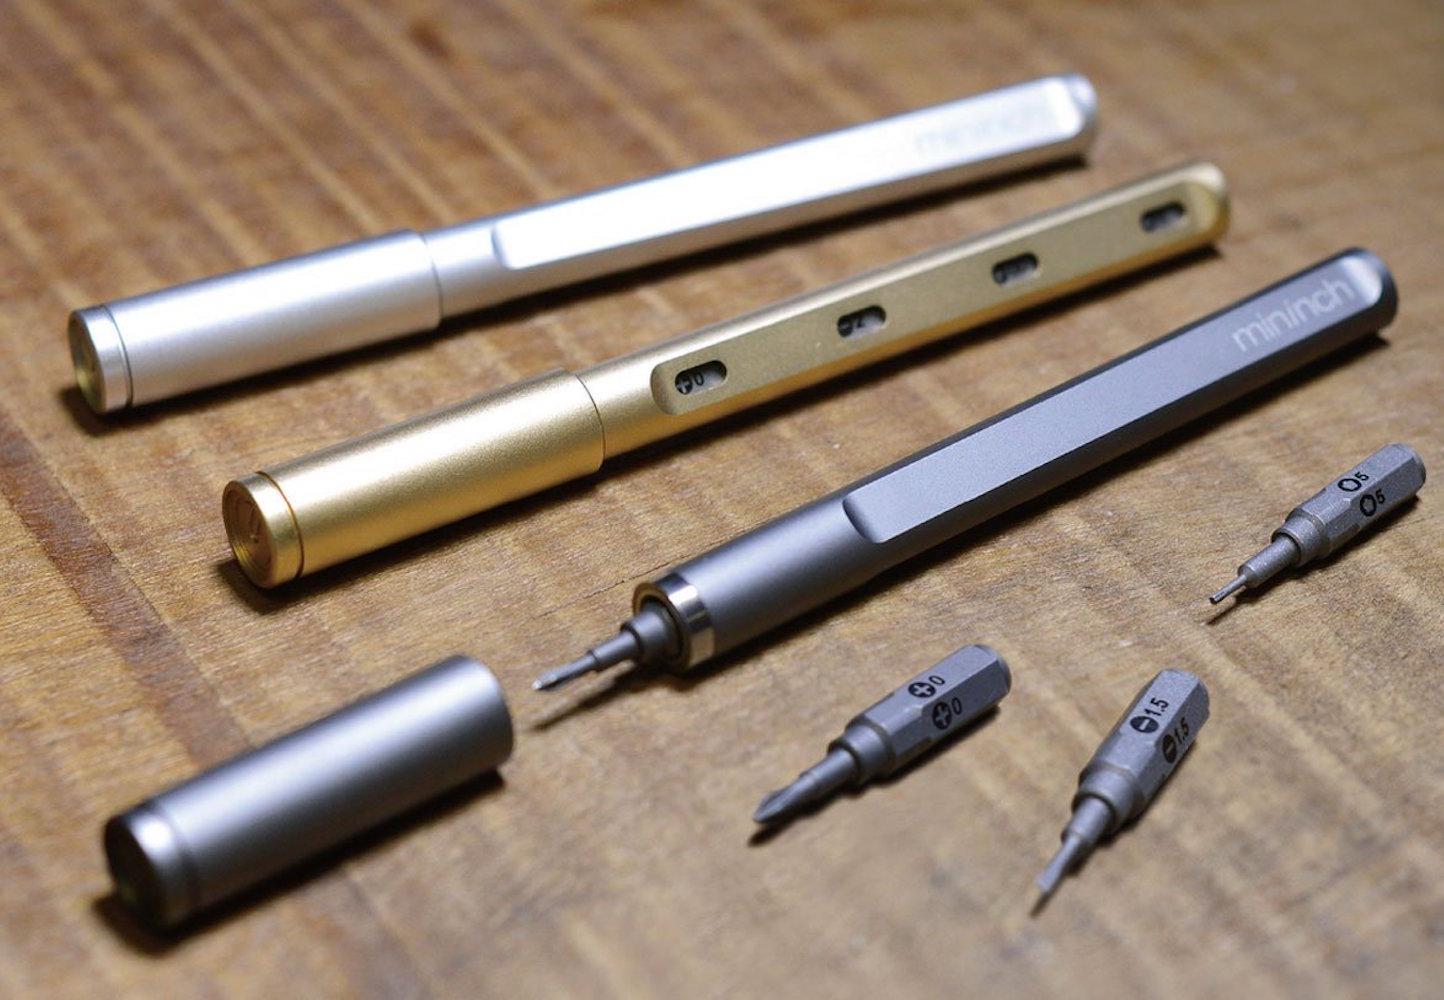 Mininch+Tool+Pen+Mini